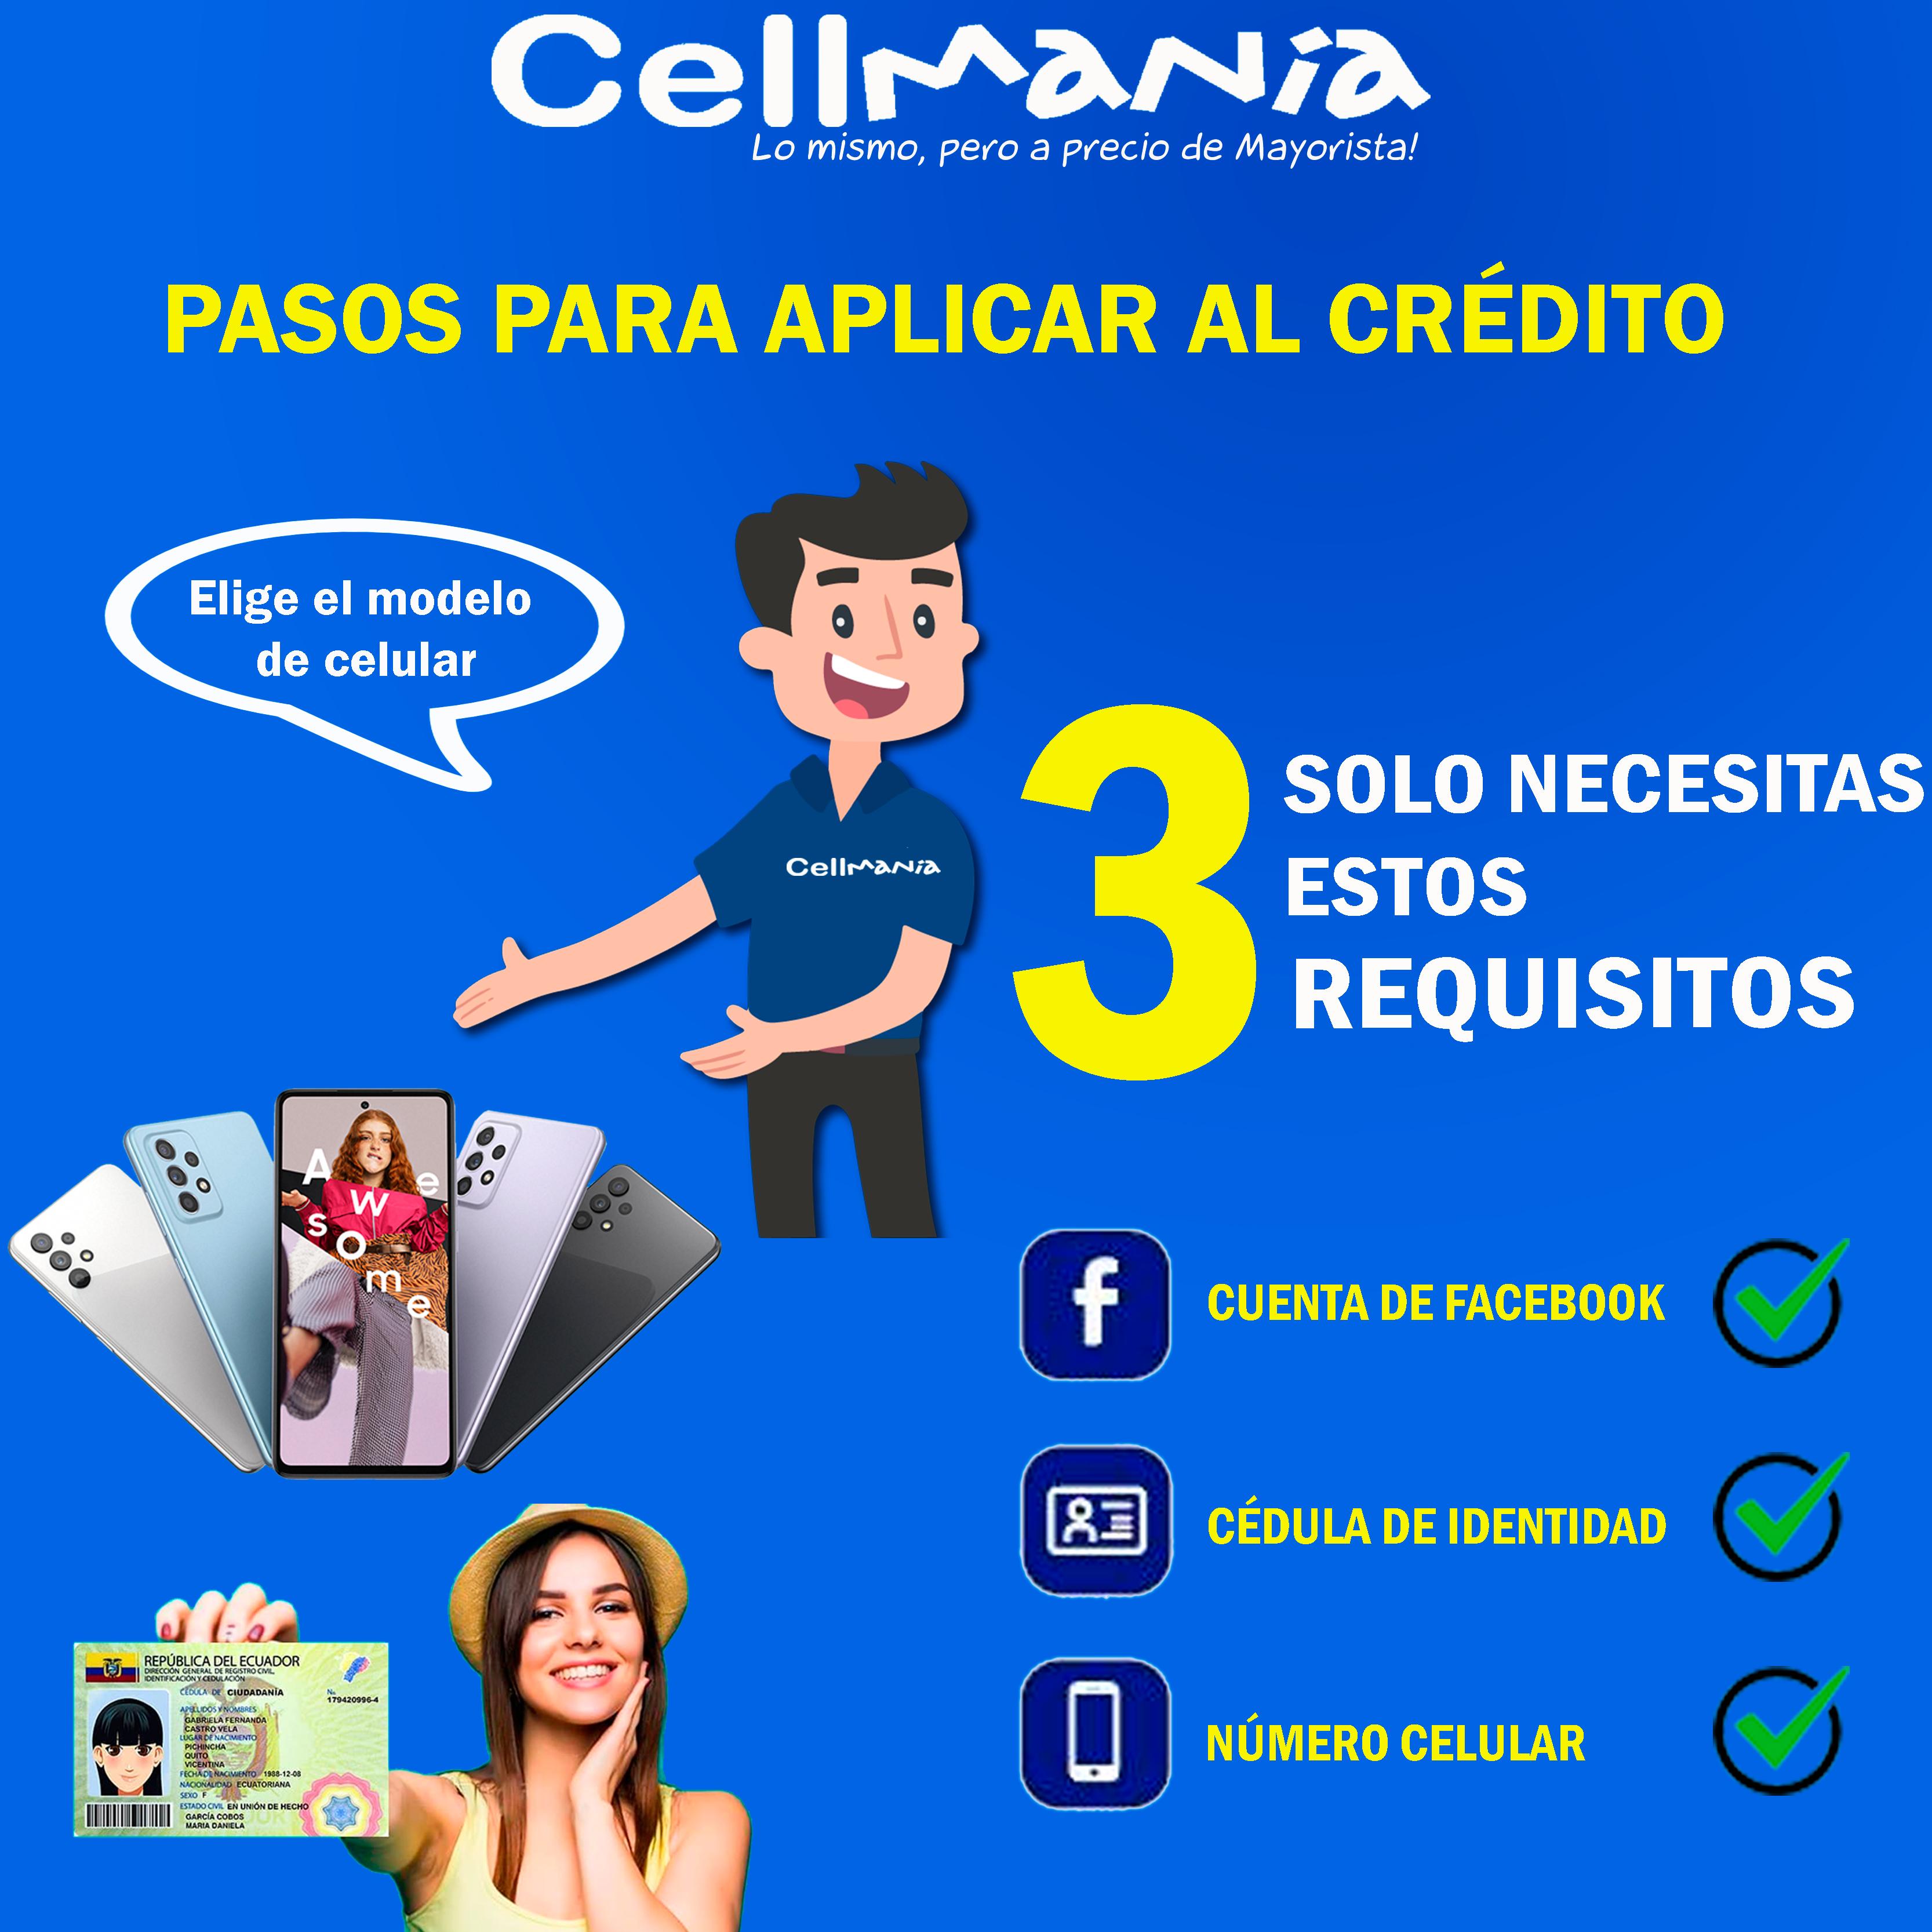 CELULARES-A-CREDITO-REQUISITOS